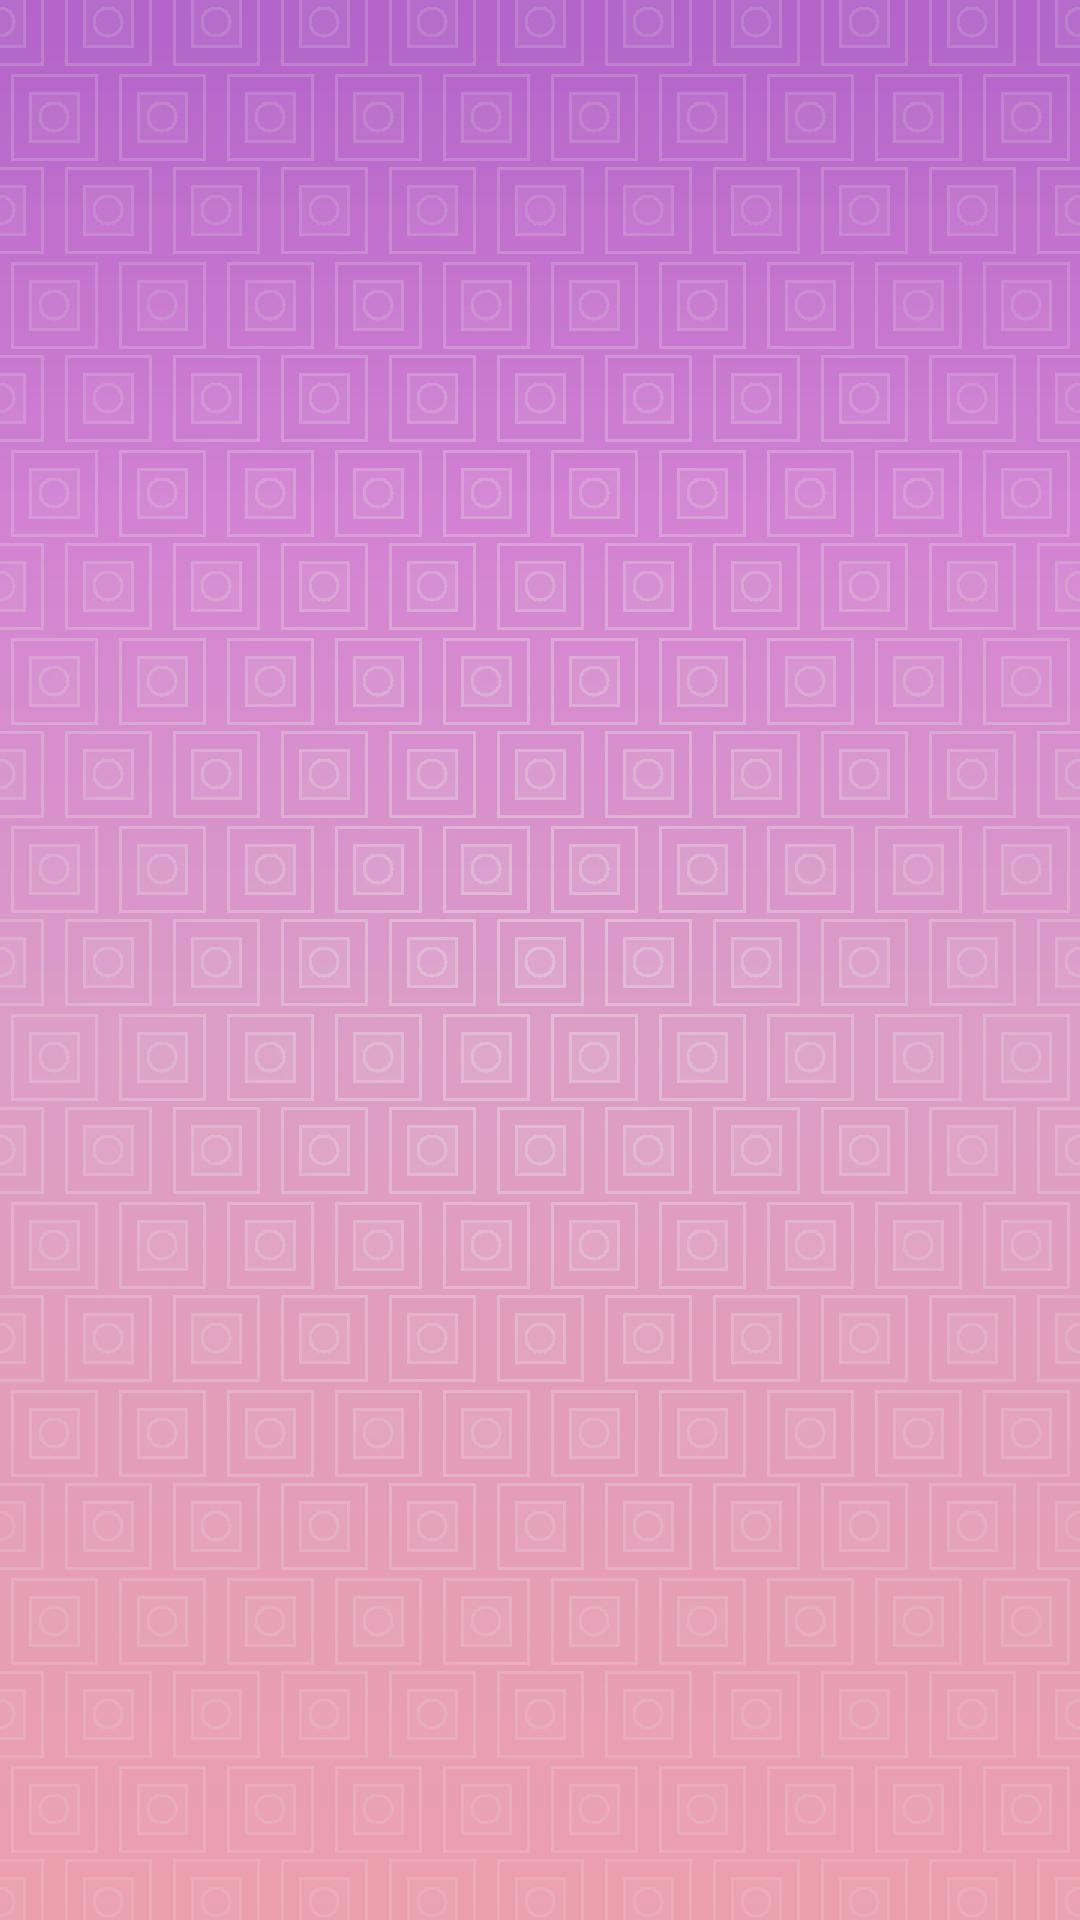 Pola Gradasi Segiempat Berwarna Merah Muda Wallpapersc